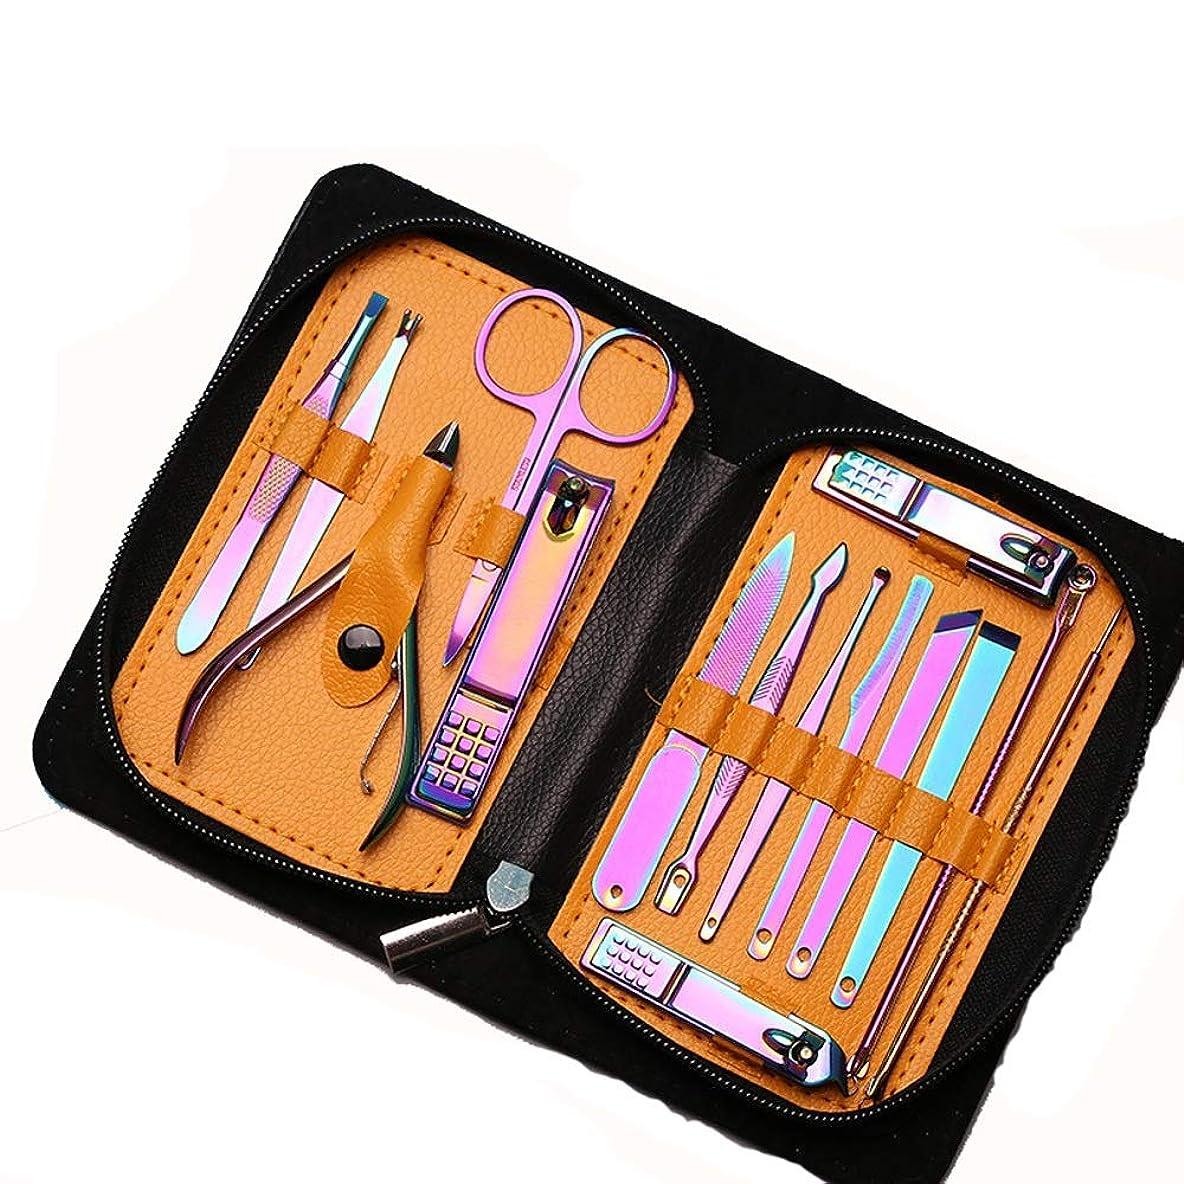 便利な爪切り 爪切りセット爪切りセット15個セットマニキュアセット美容爪セット ネイルドレッシングツール